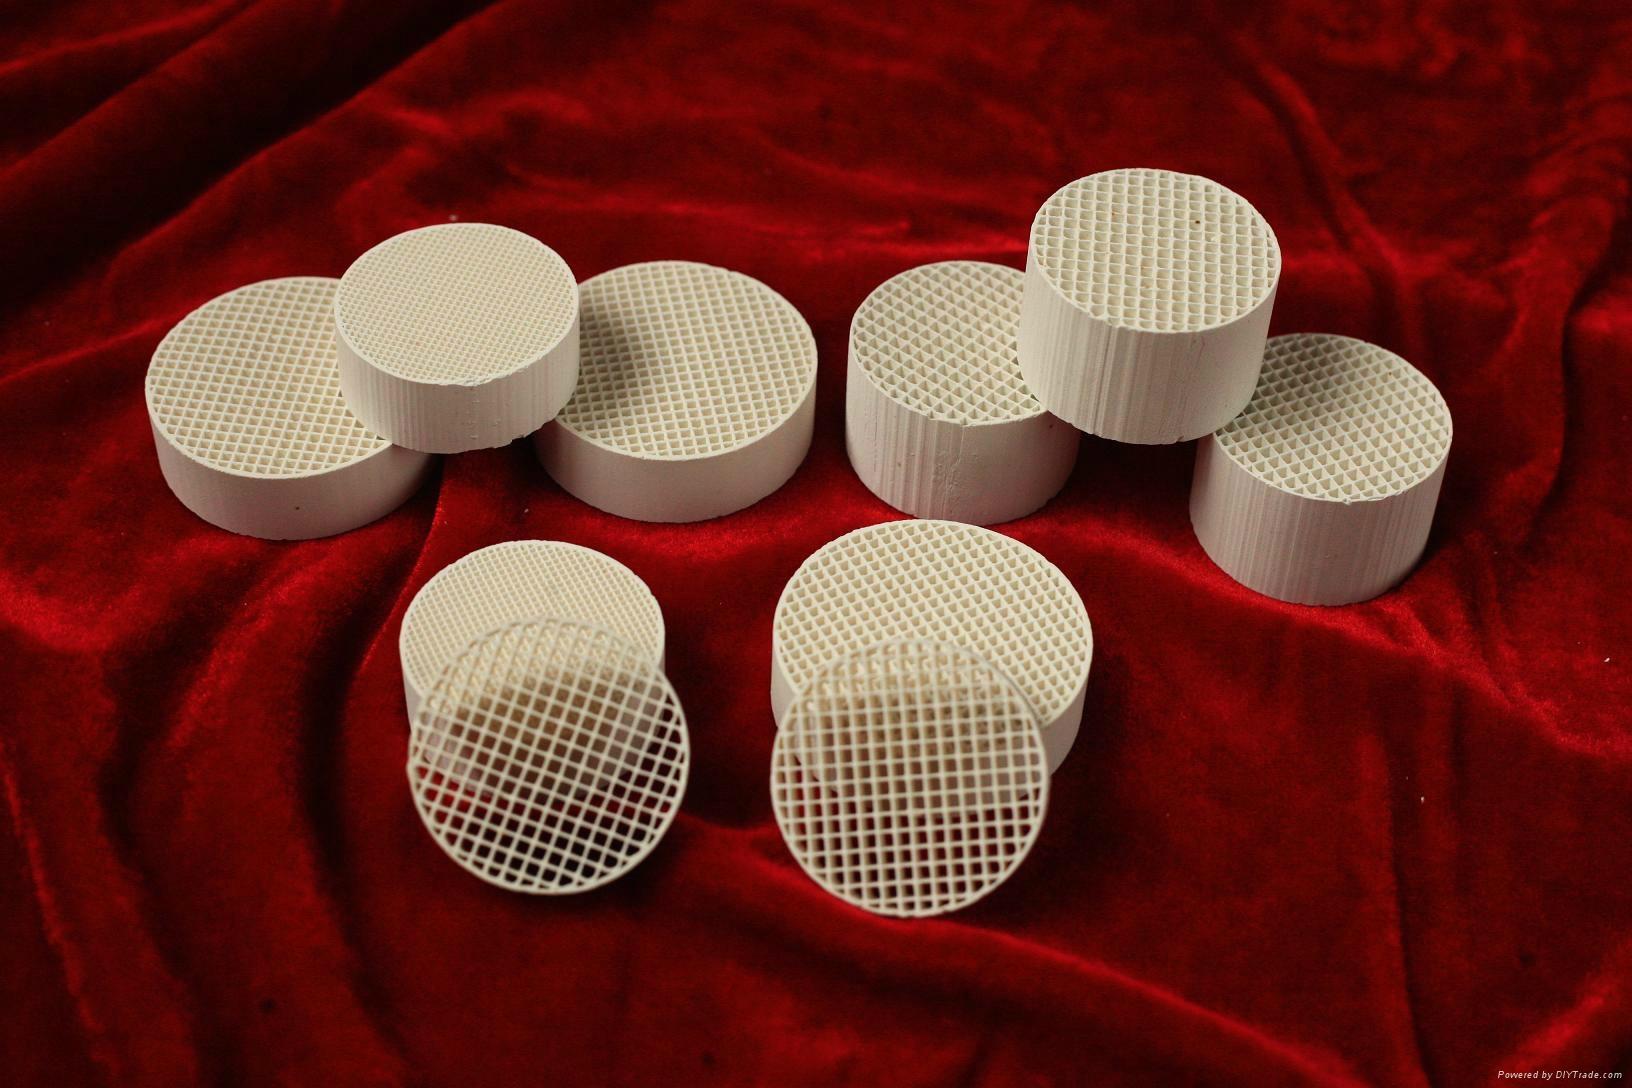 元創蜂窩陶瓷陶瓷載體 2